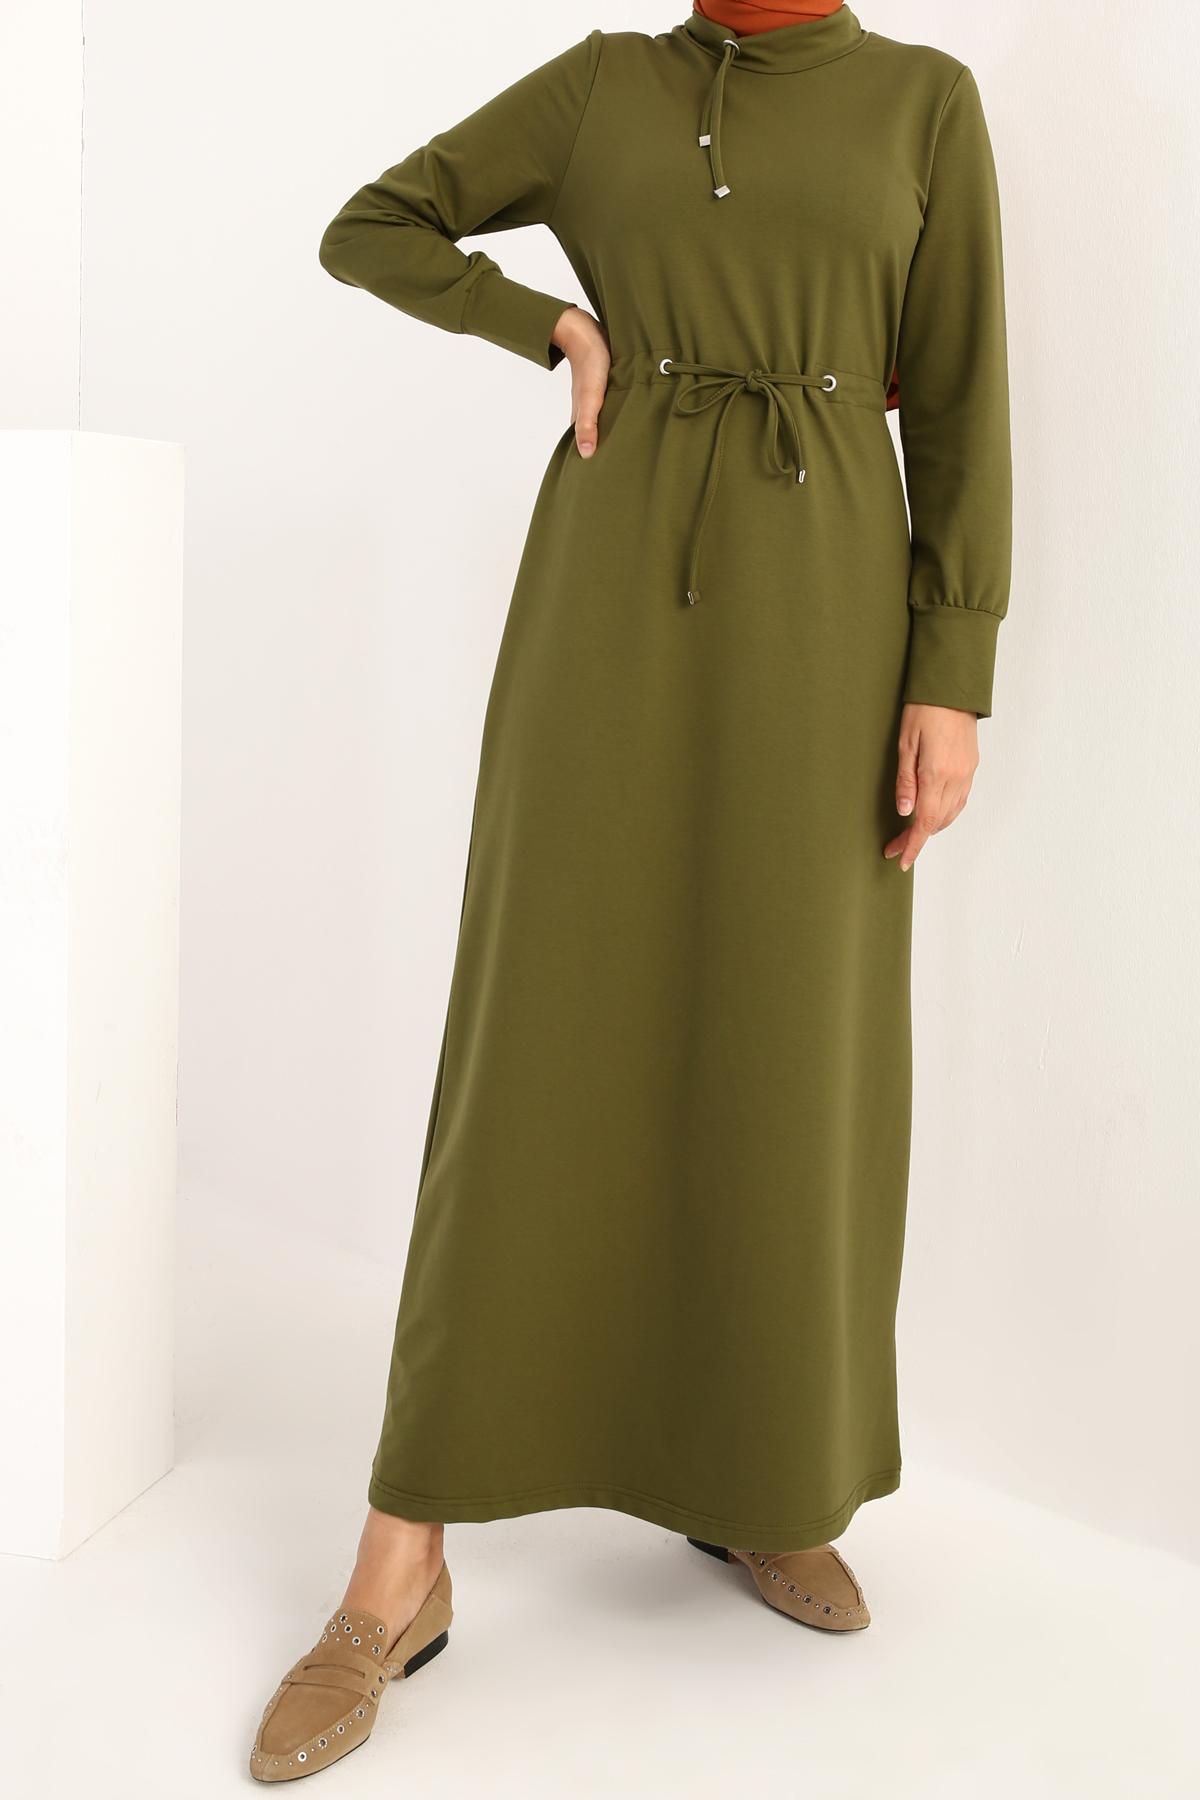 Eyelet Neck Lace Waist Maxi Dress